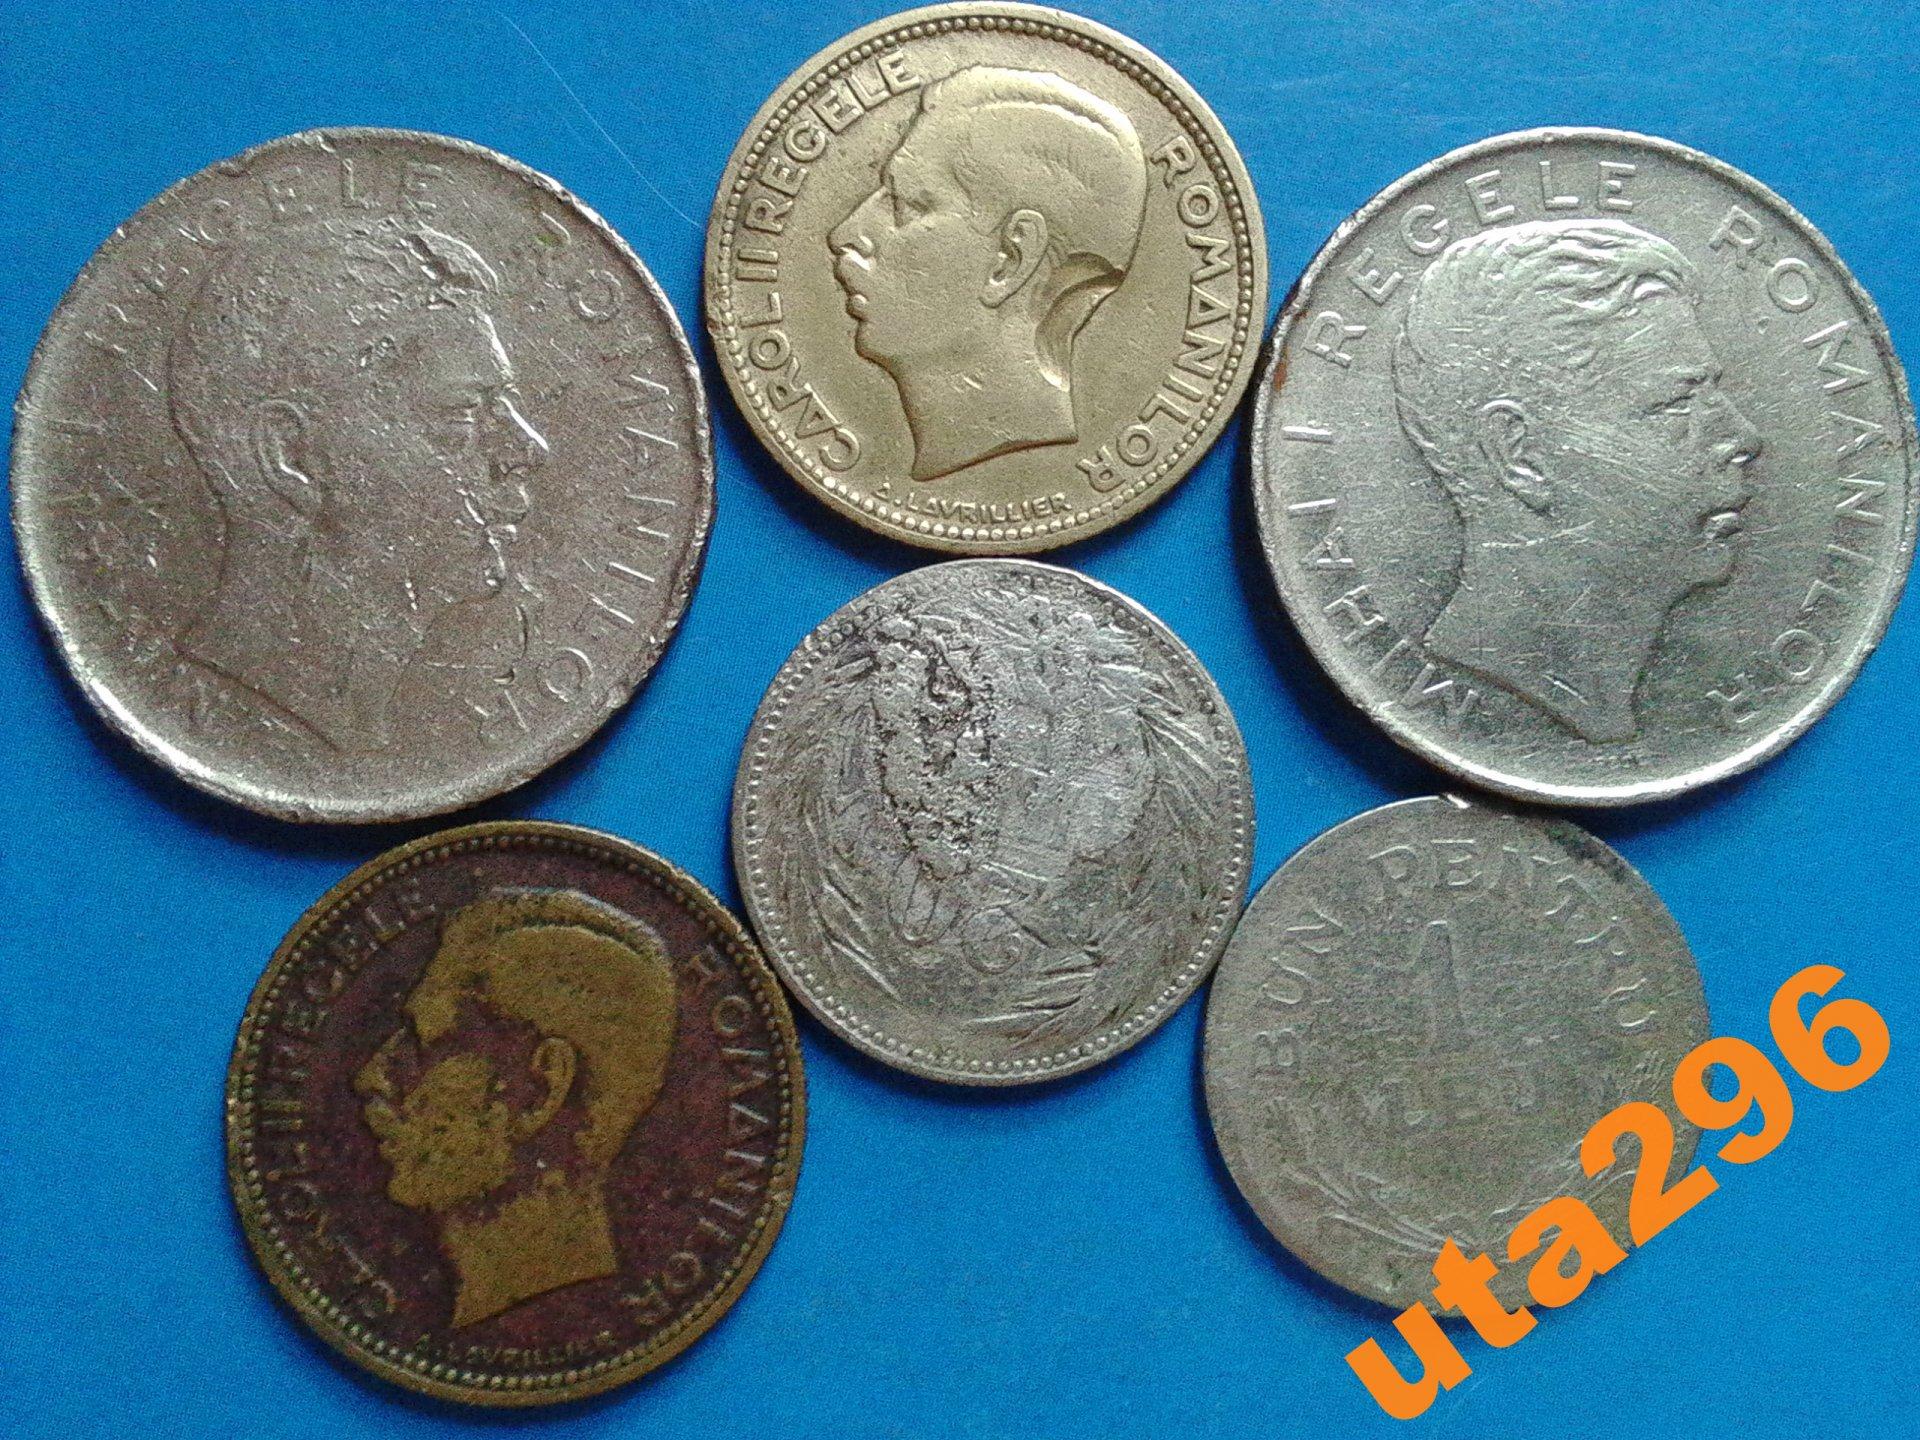 монеты румынии какие редкие с фото кухни